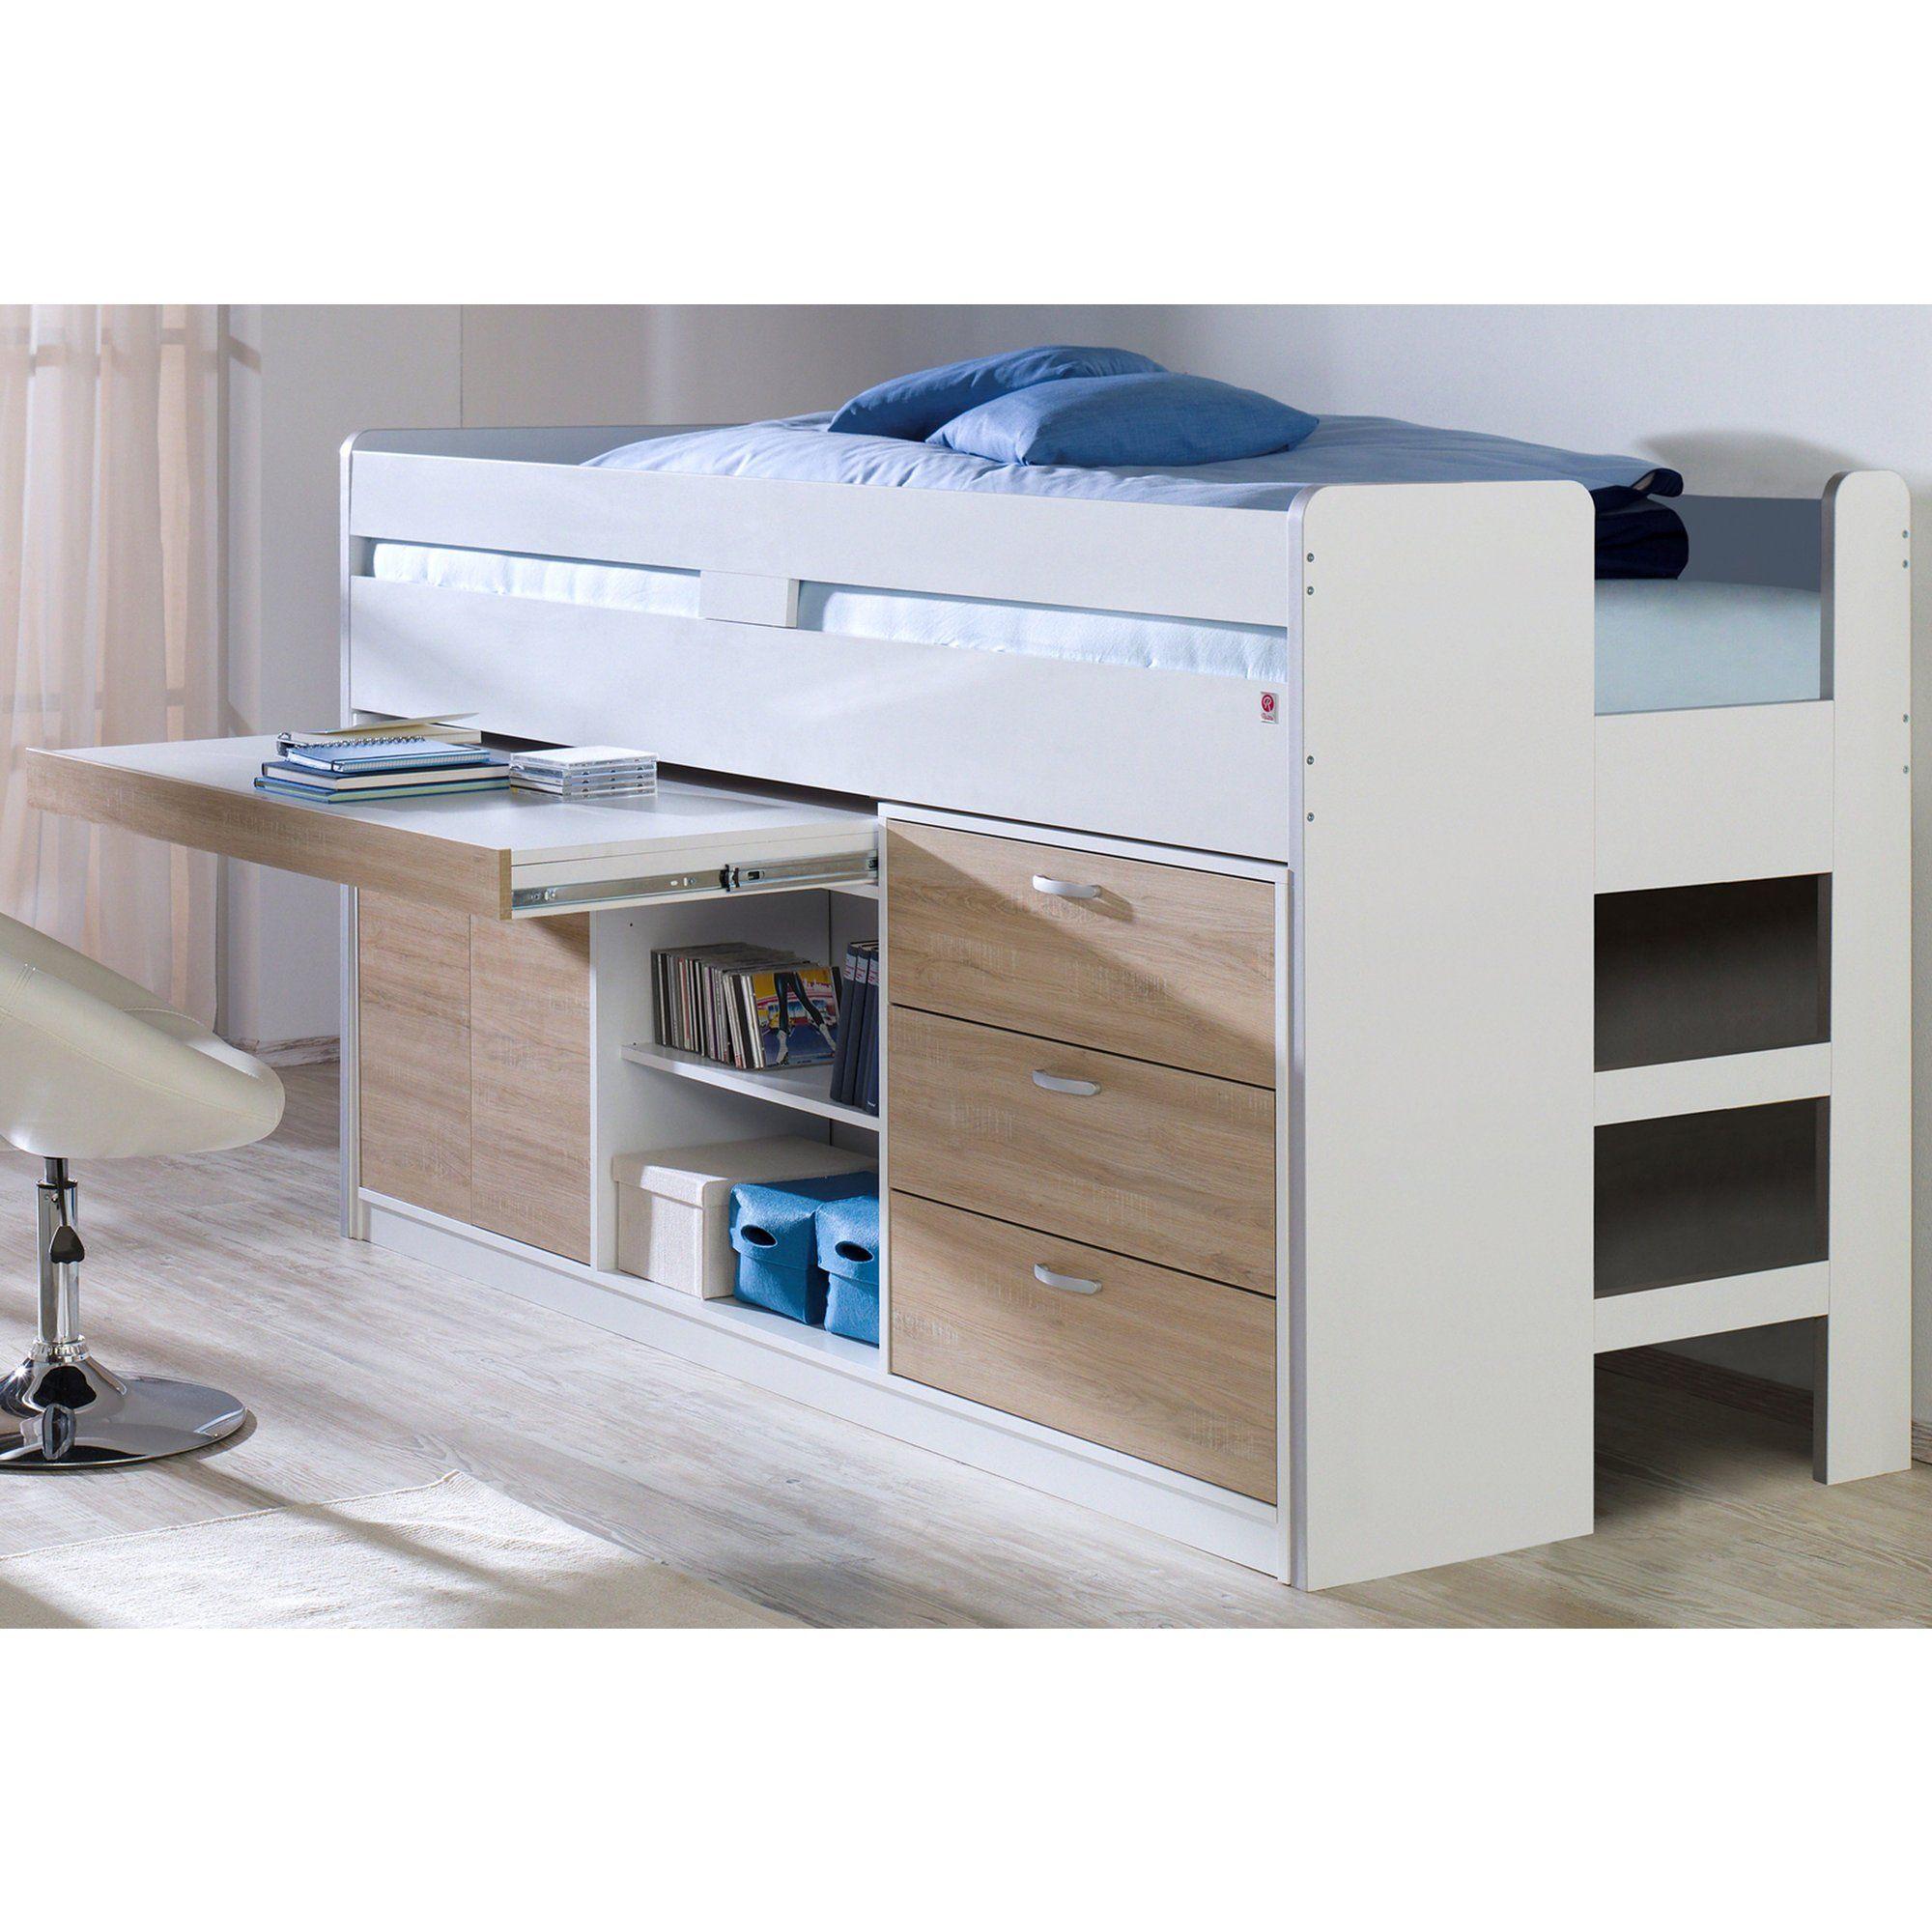 lit mezzanine gauthier tables de chevet roche bobois lit mezzanine new galaxy blanc gautier. Black Bedroom Furniture Sets. Home Design Ideas